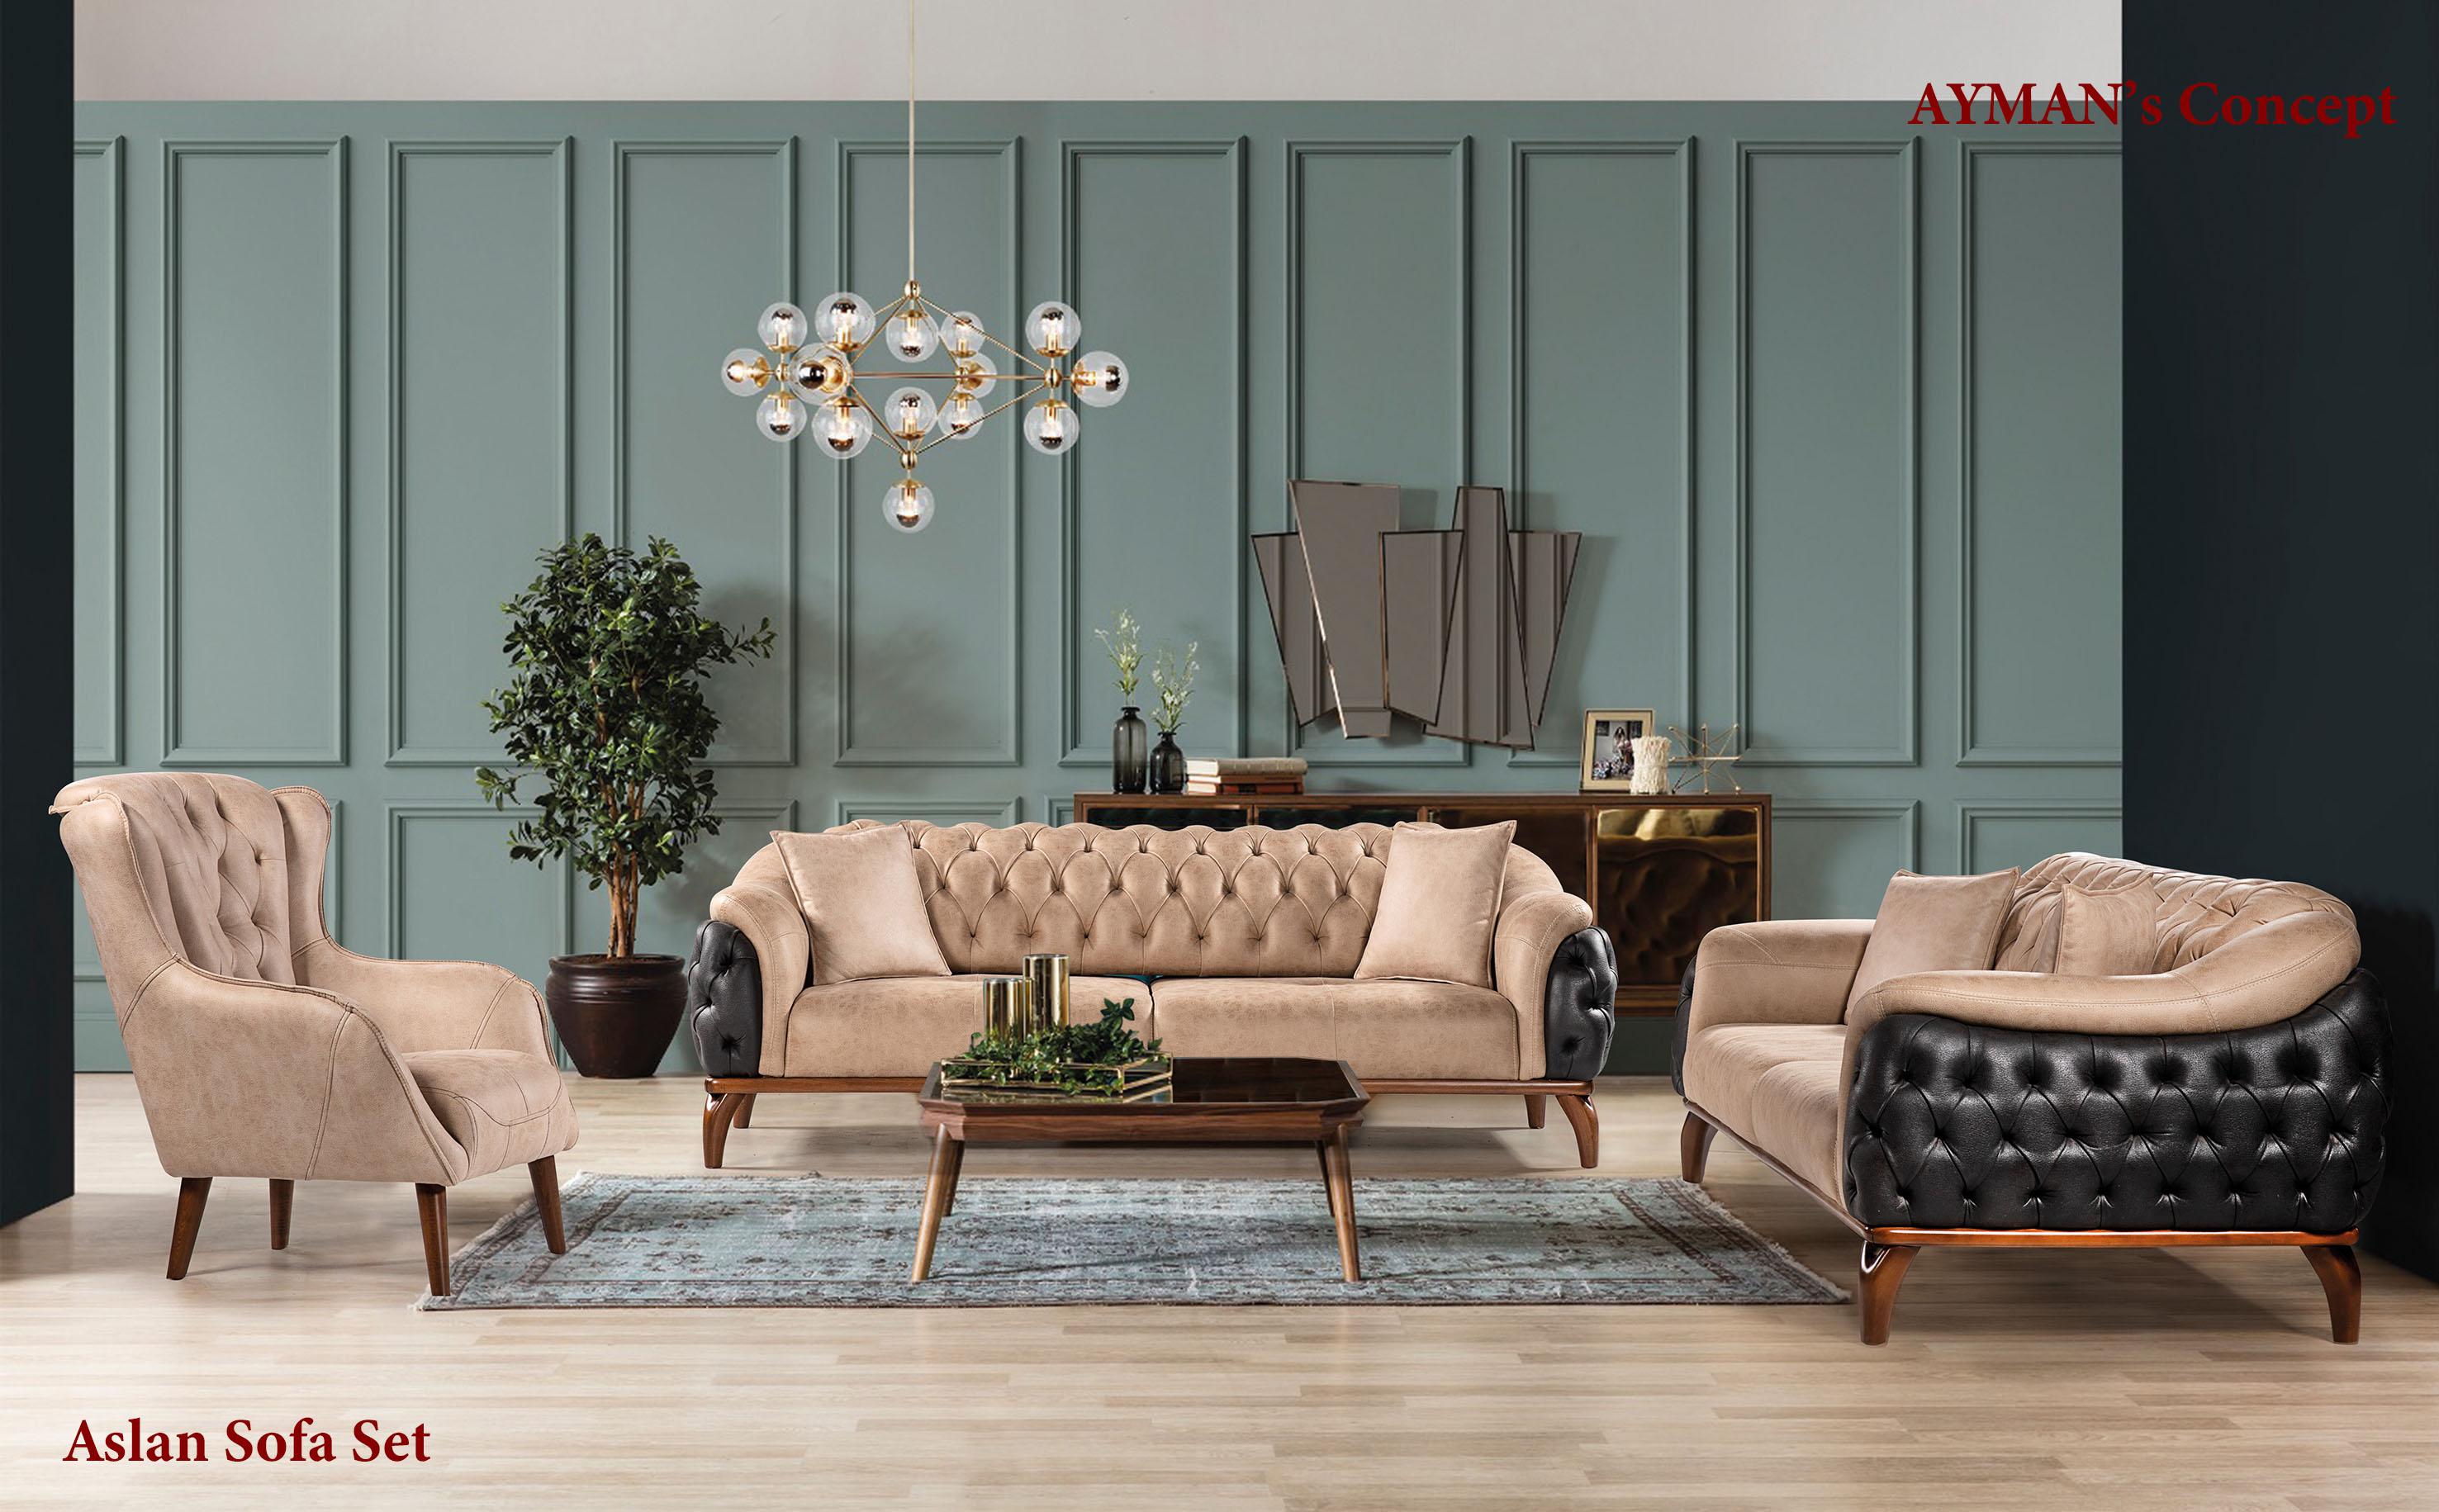 Aslan Sofa Set